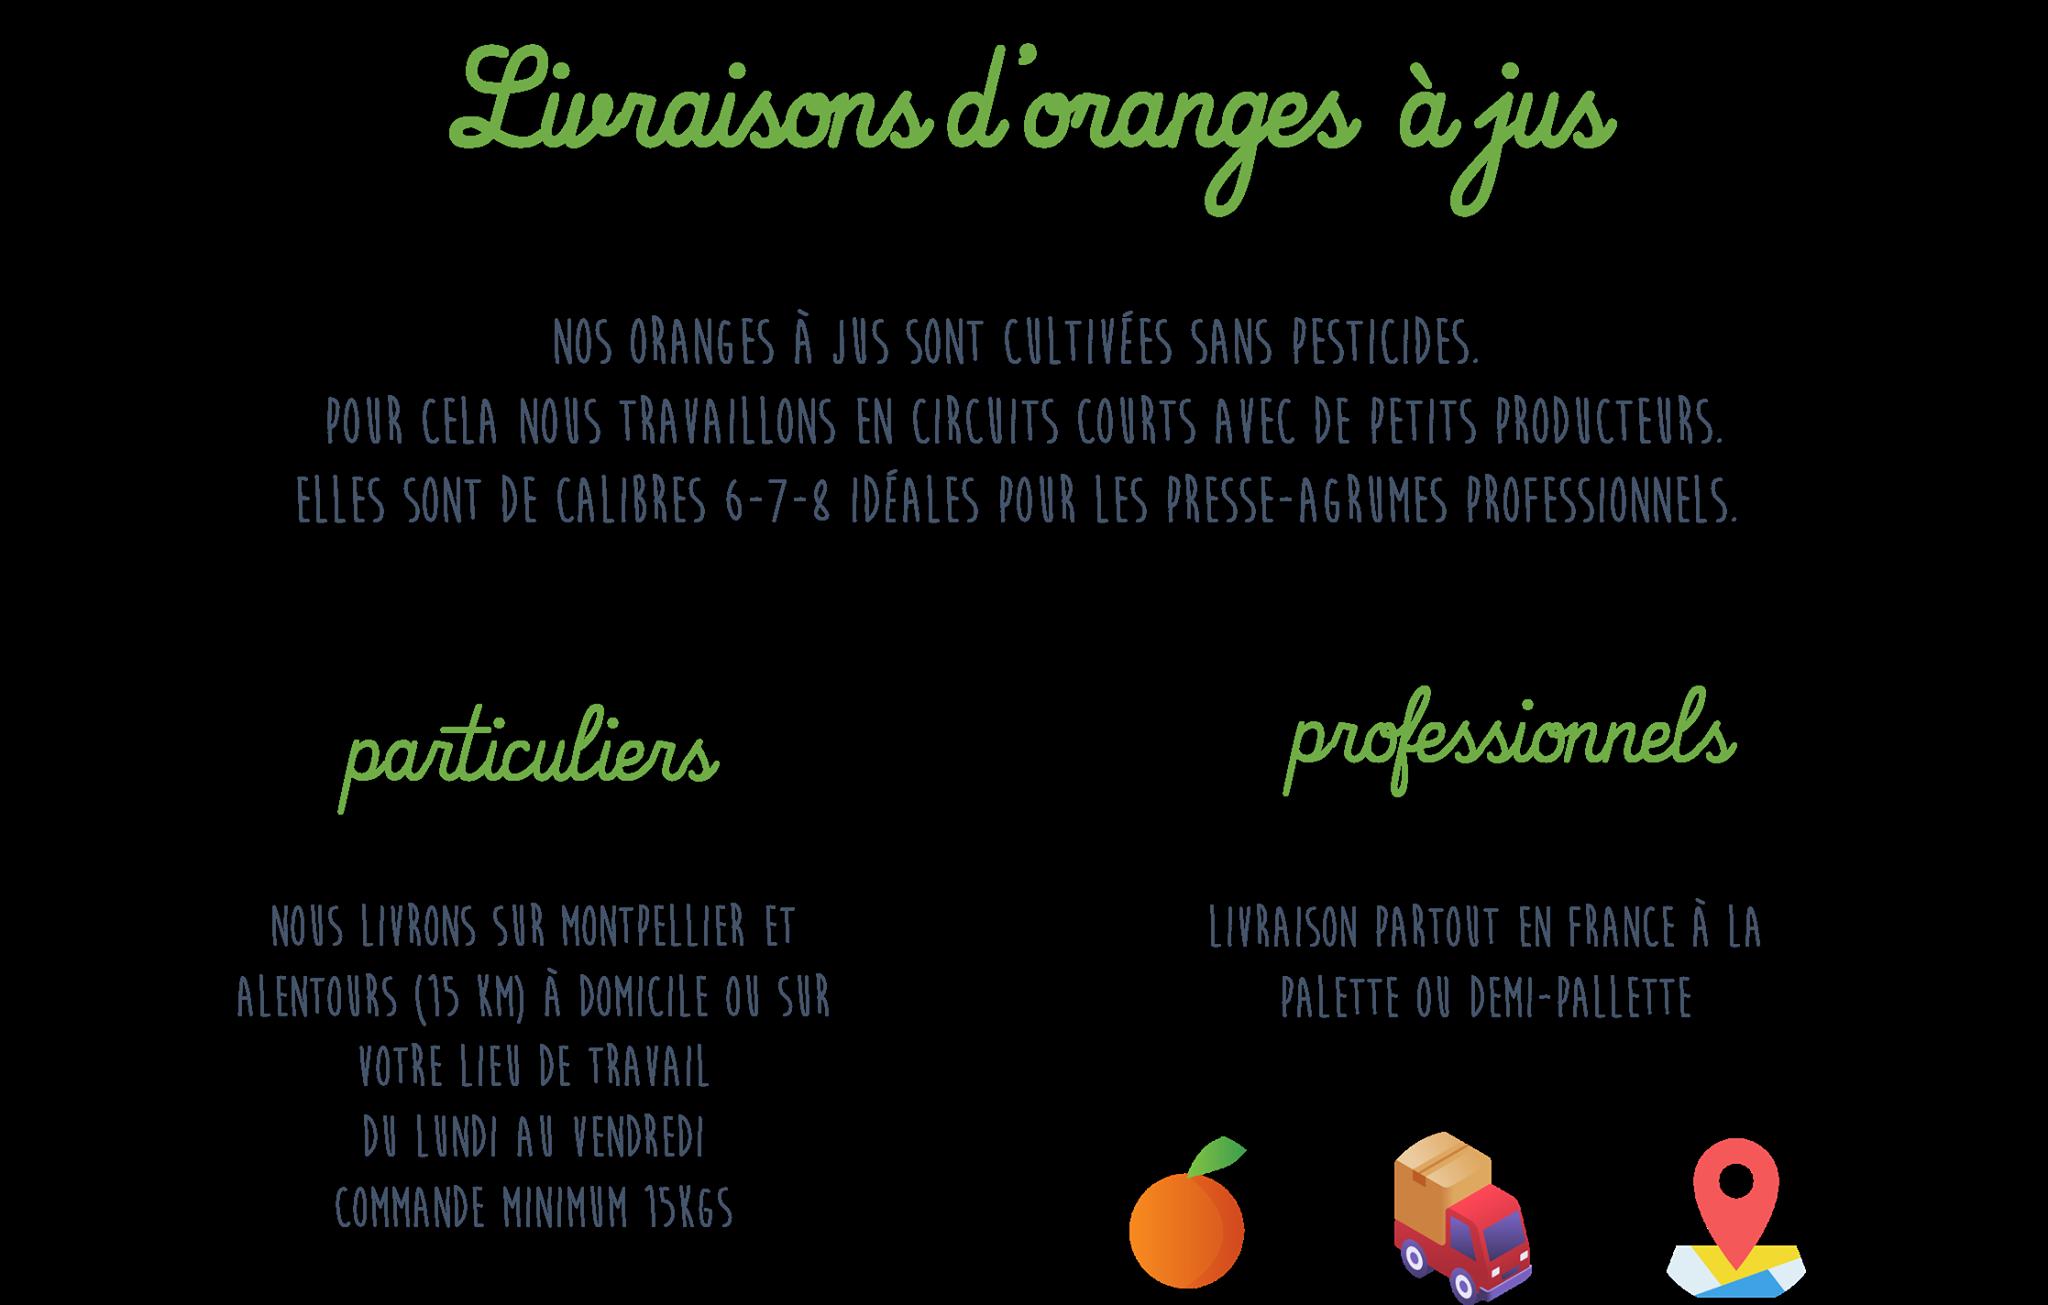 Livraison d'oranges à jus à Montpellier